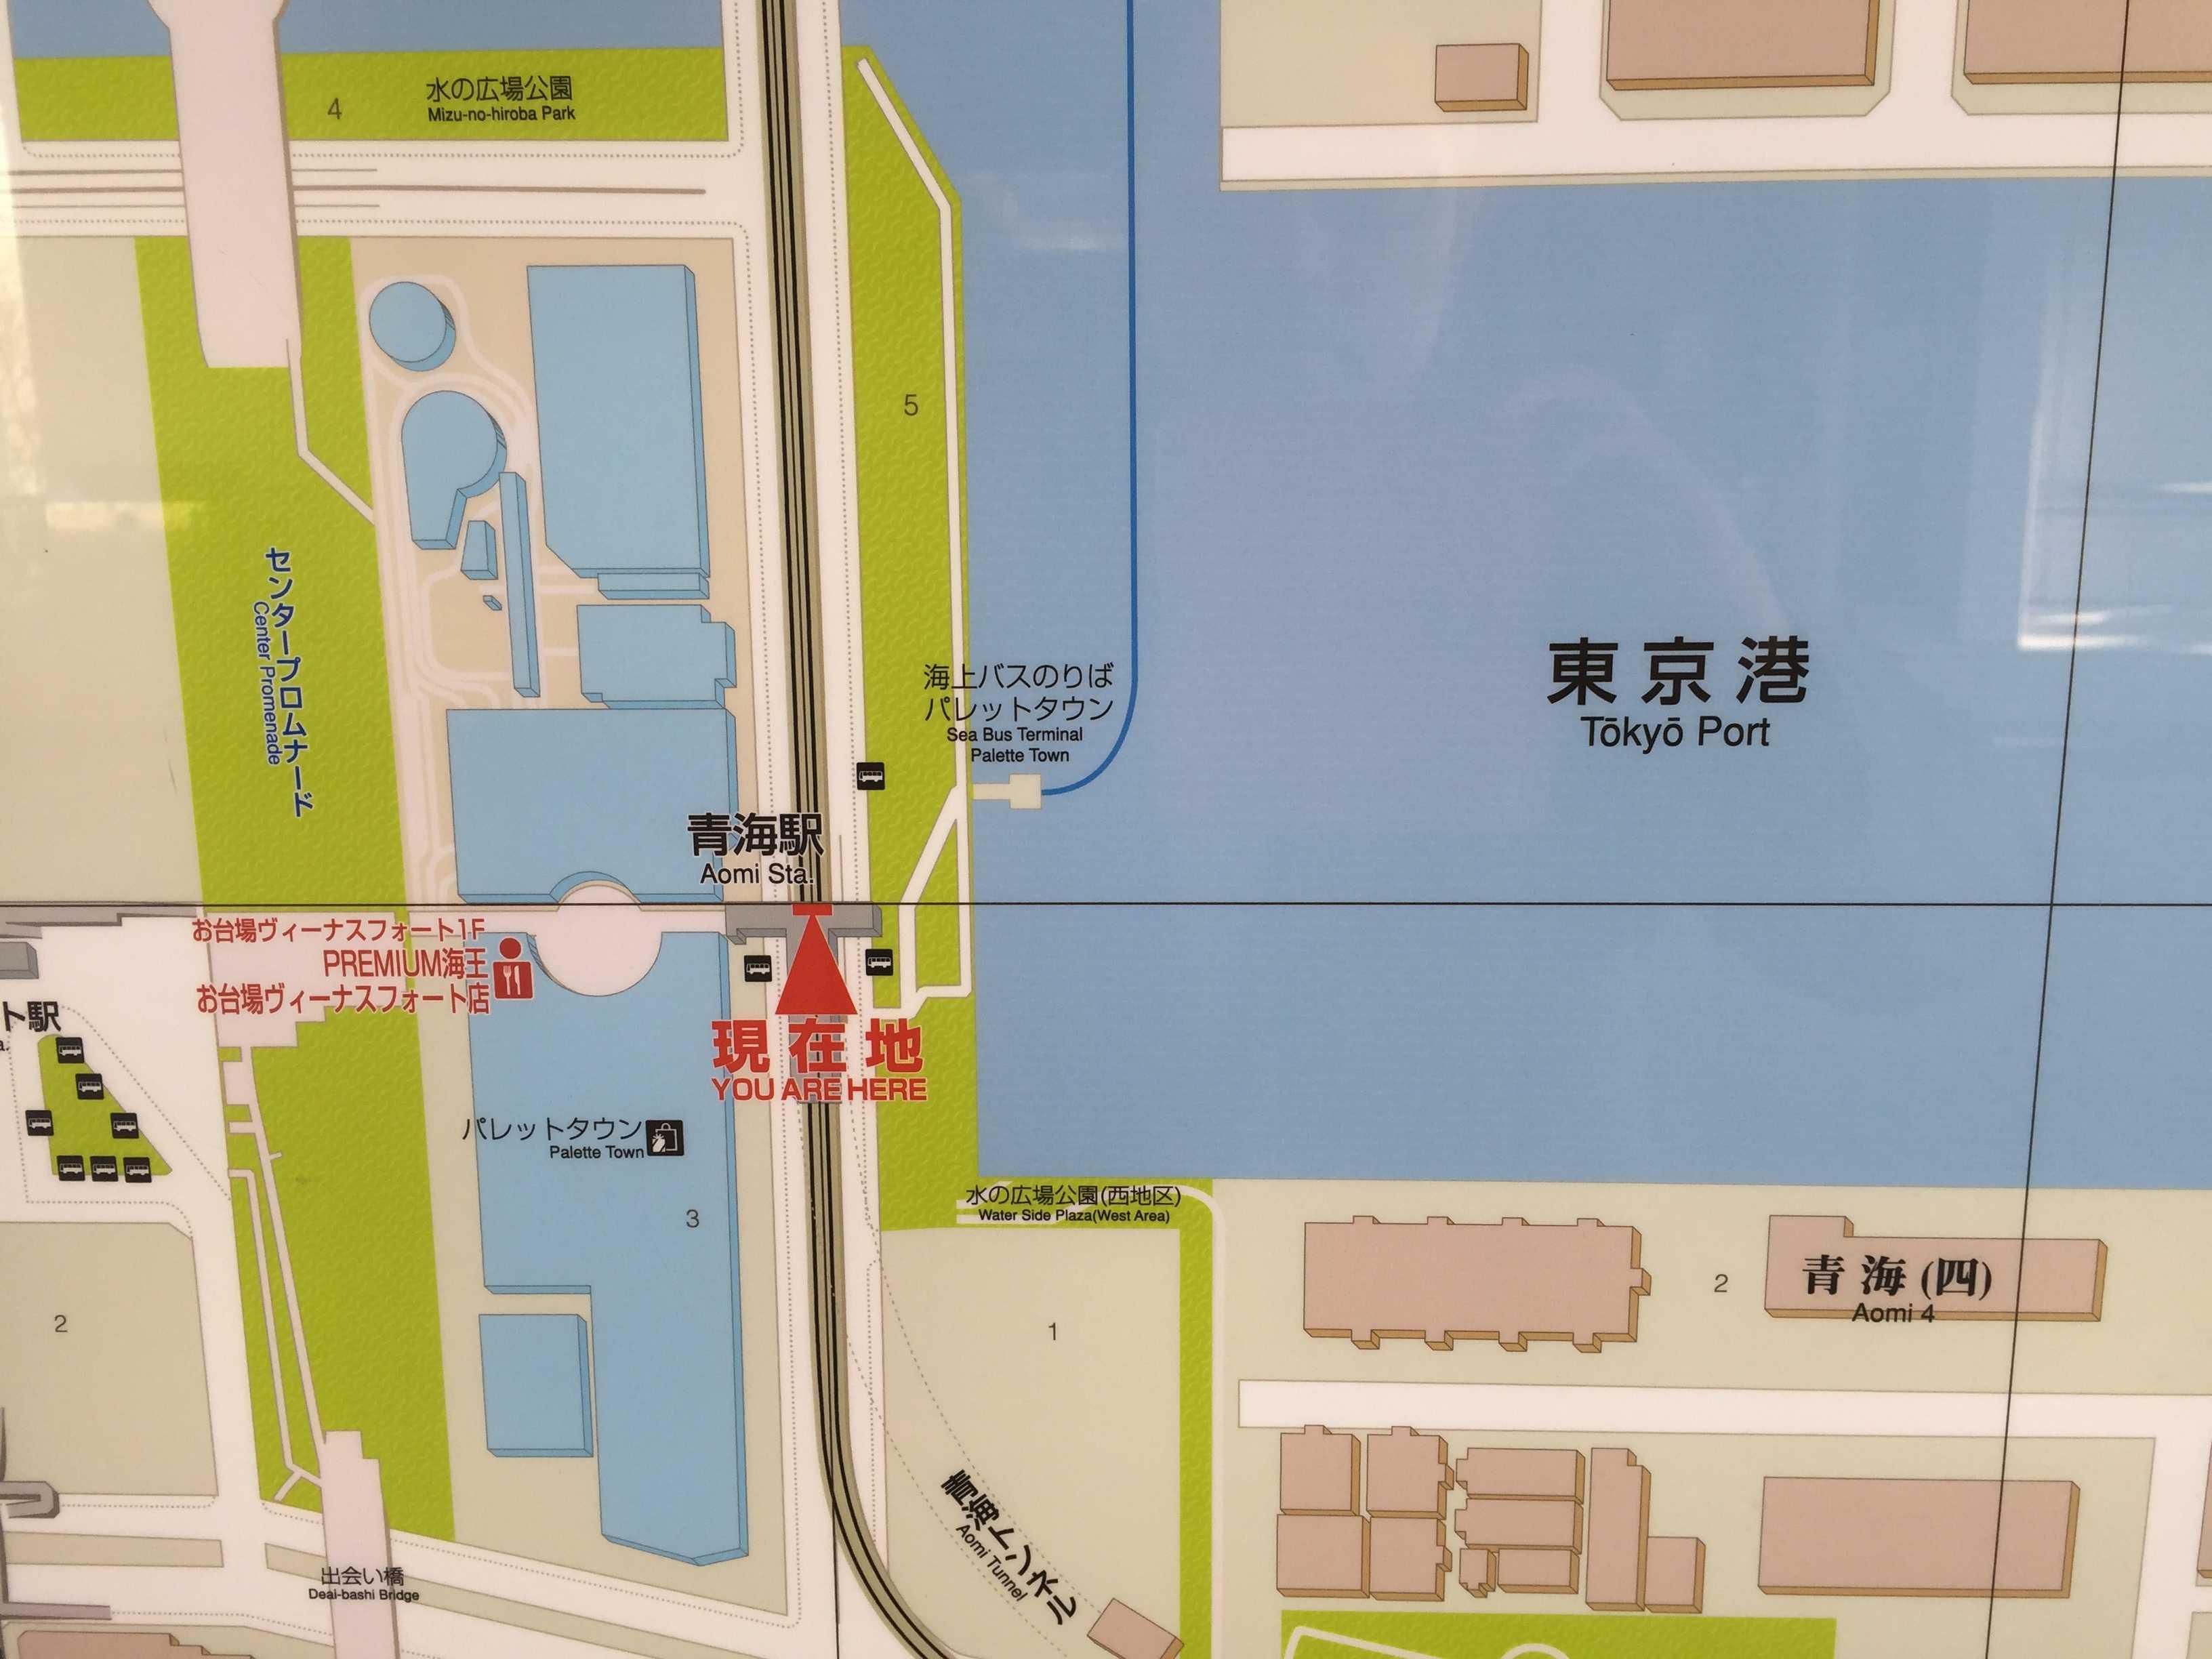 東京港(Tokyo Port)